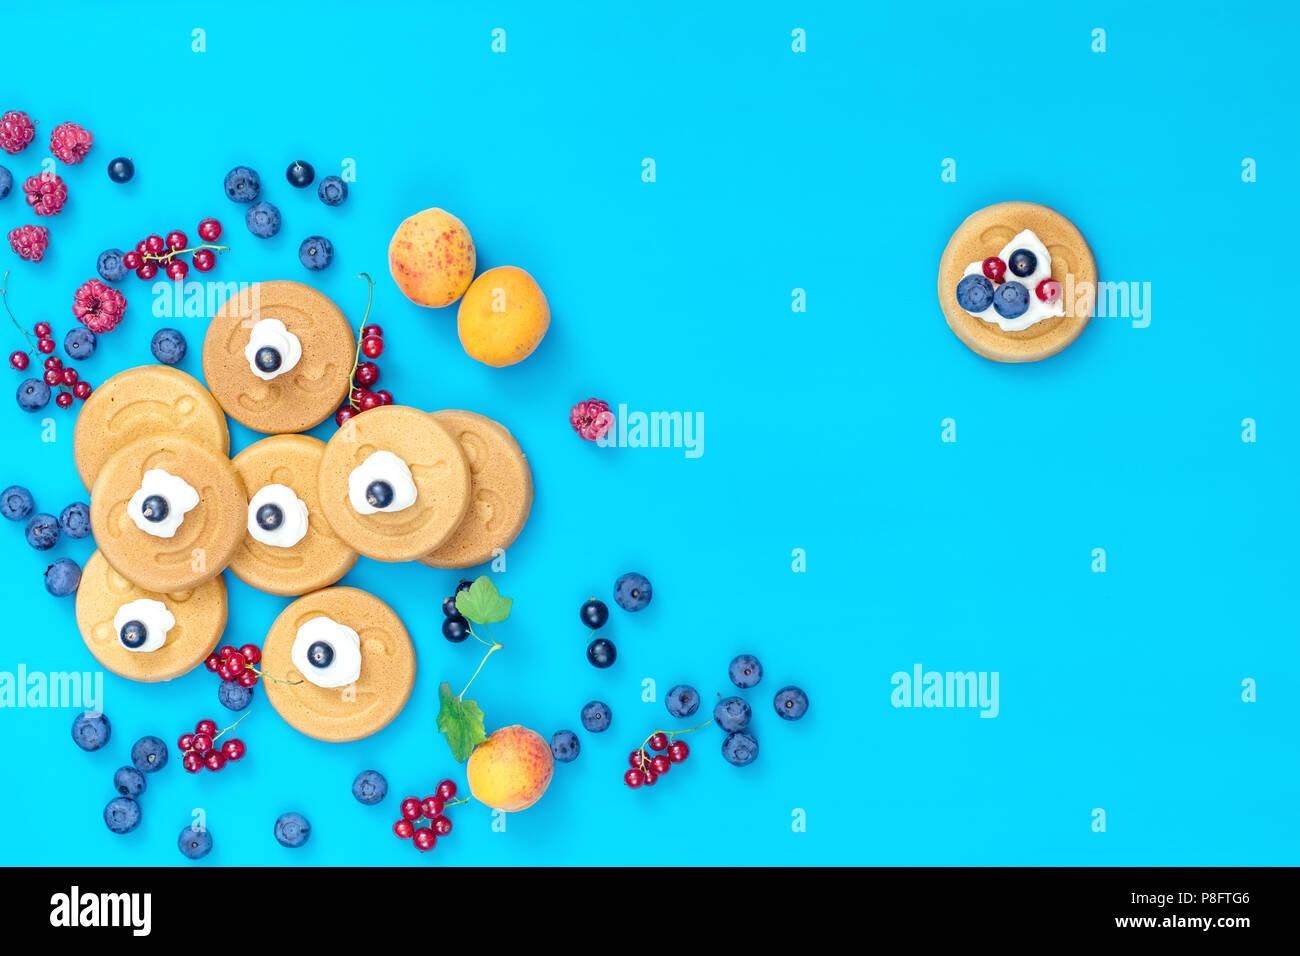 Leckere mini smile Pfannkuchen mit Beeren auf blaue Fläche, Ansicht von oben. Flach, Ansicht von oben süße Speisen Hintergrund. Stockbild